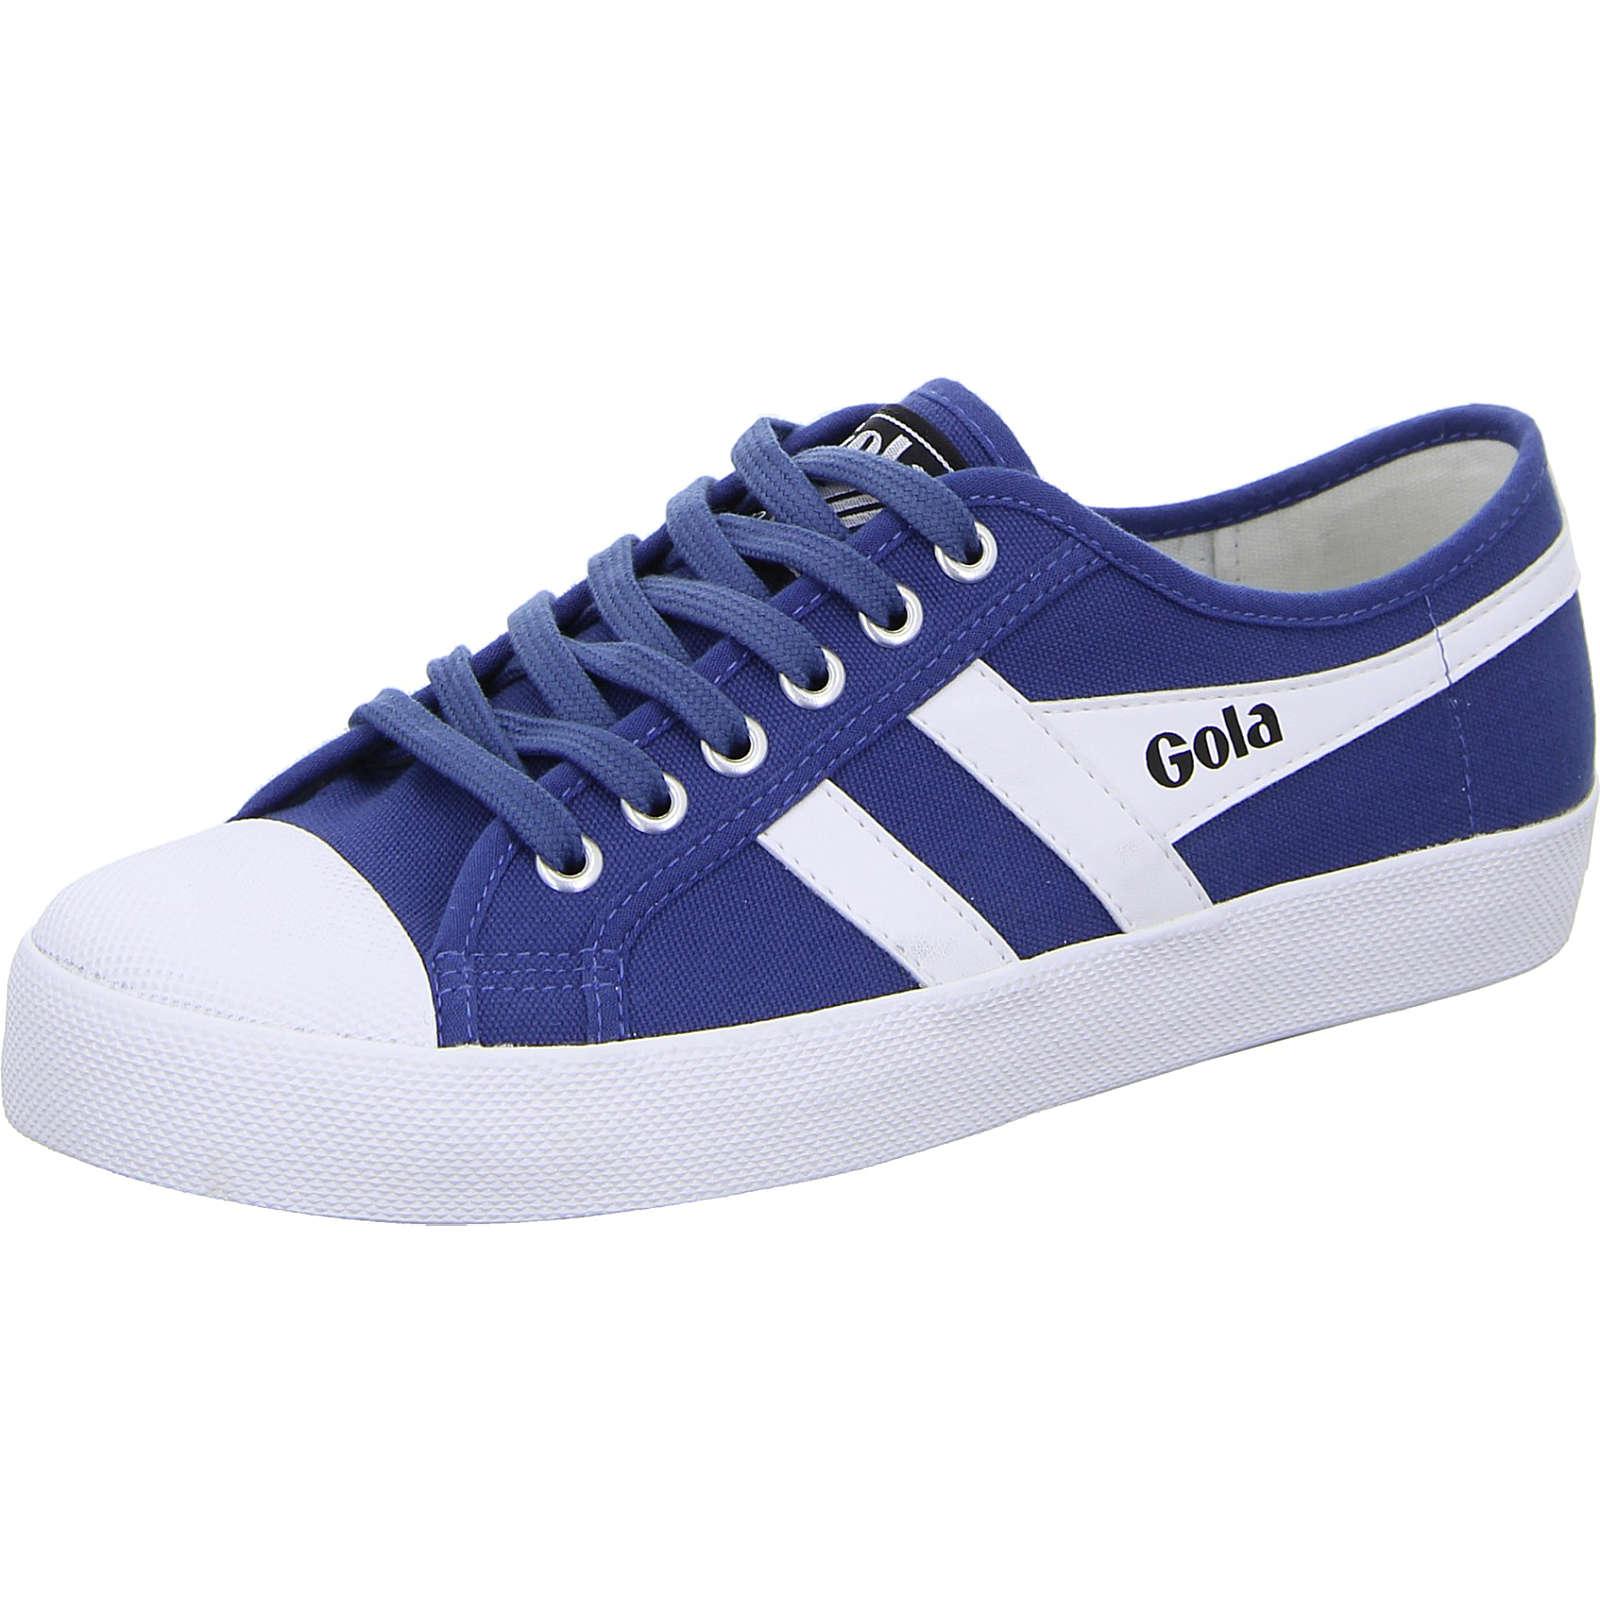 Gola Sneakers blau Herren Gr. 43 5053087754668 blauer-urlaub.de